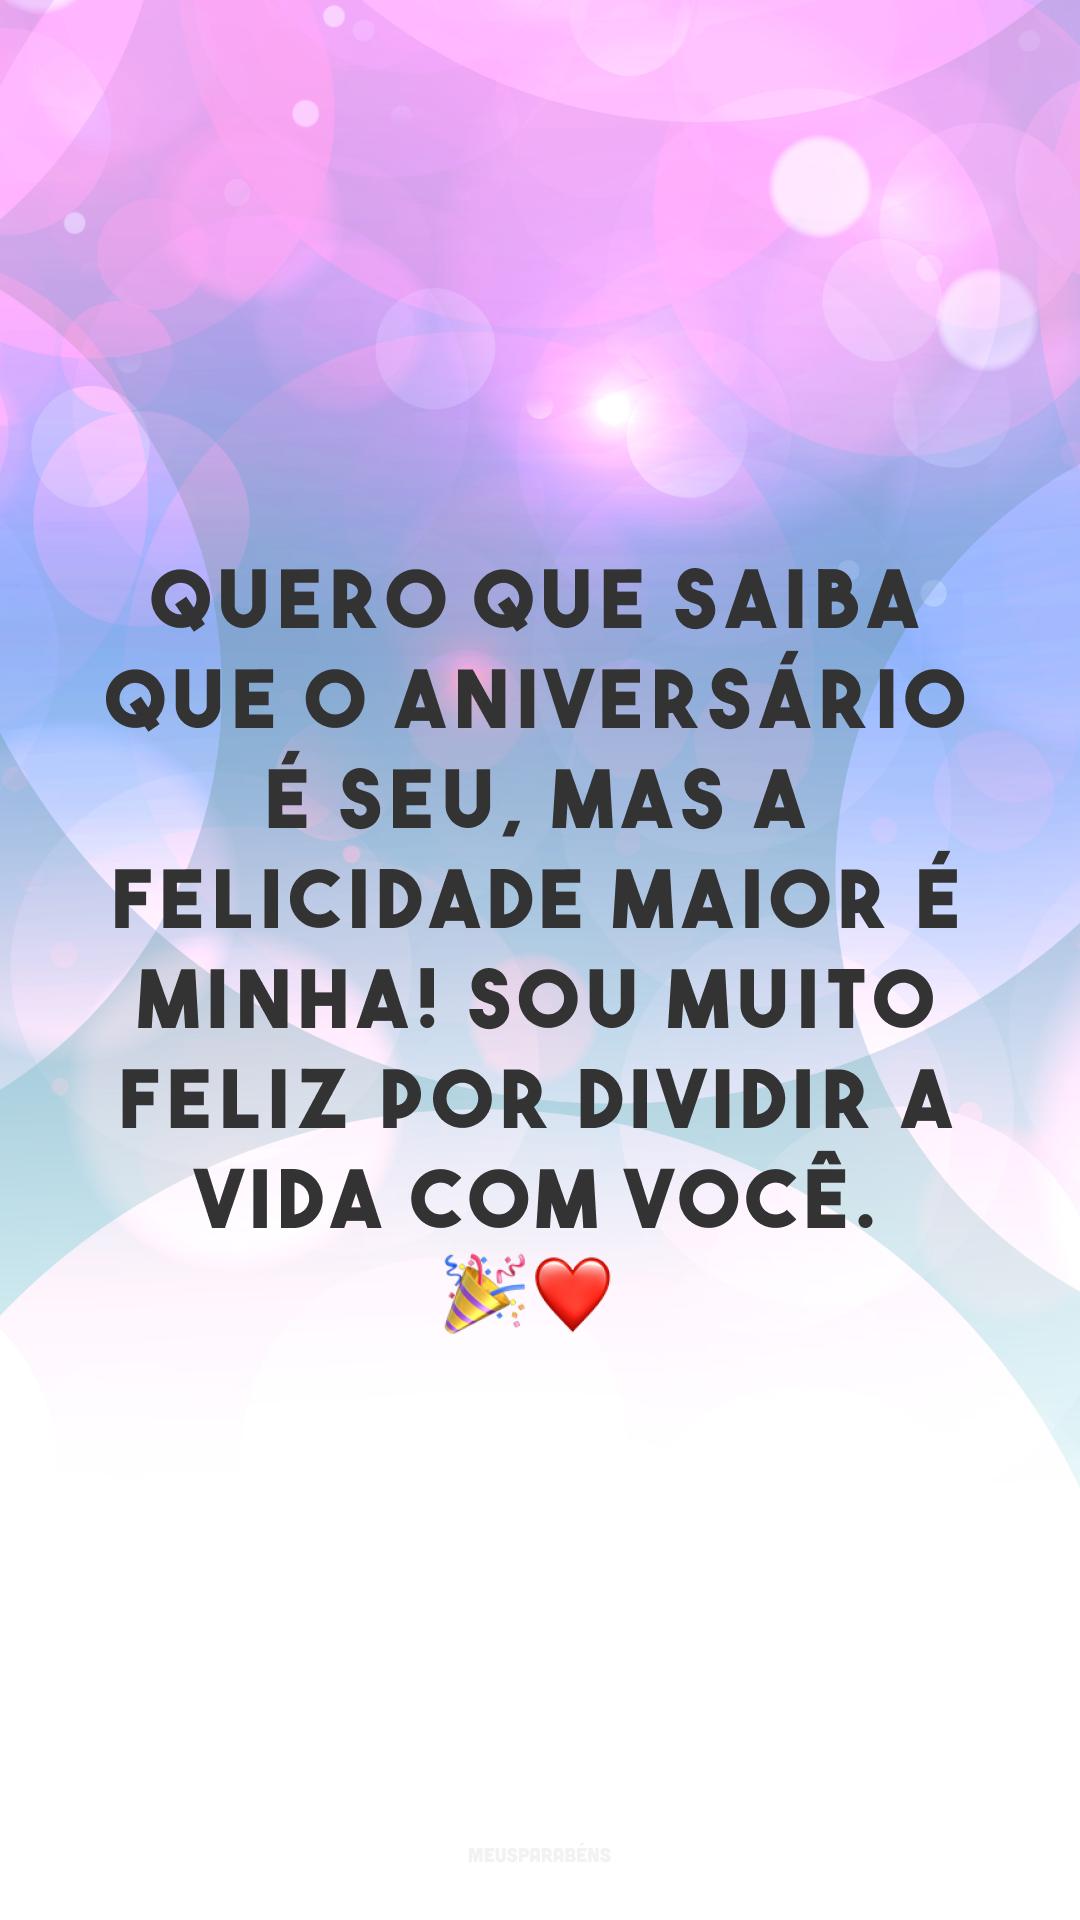 Quero que saiba que o aniversário é seu, mas a felicidade maior é minha! Sou muito feliz por dividir a vida com você. 🎉❤<br />